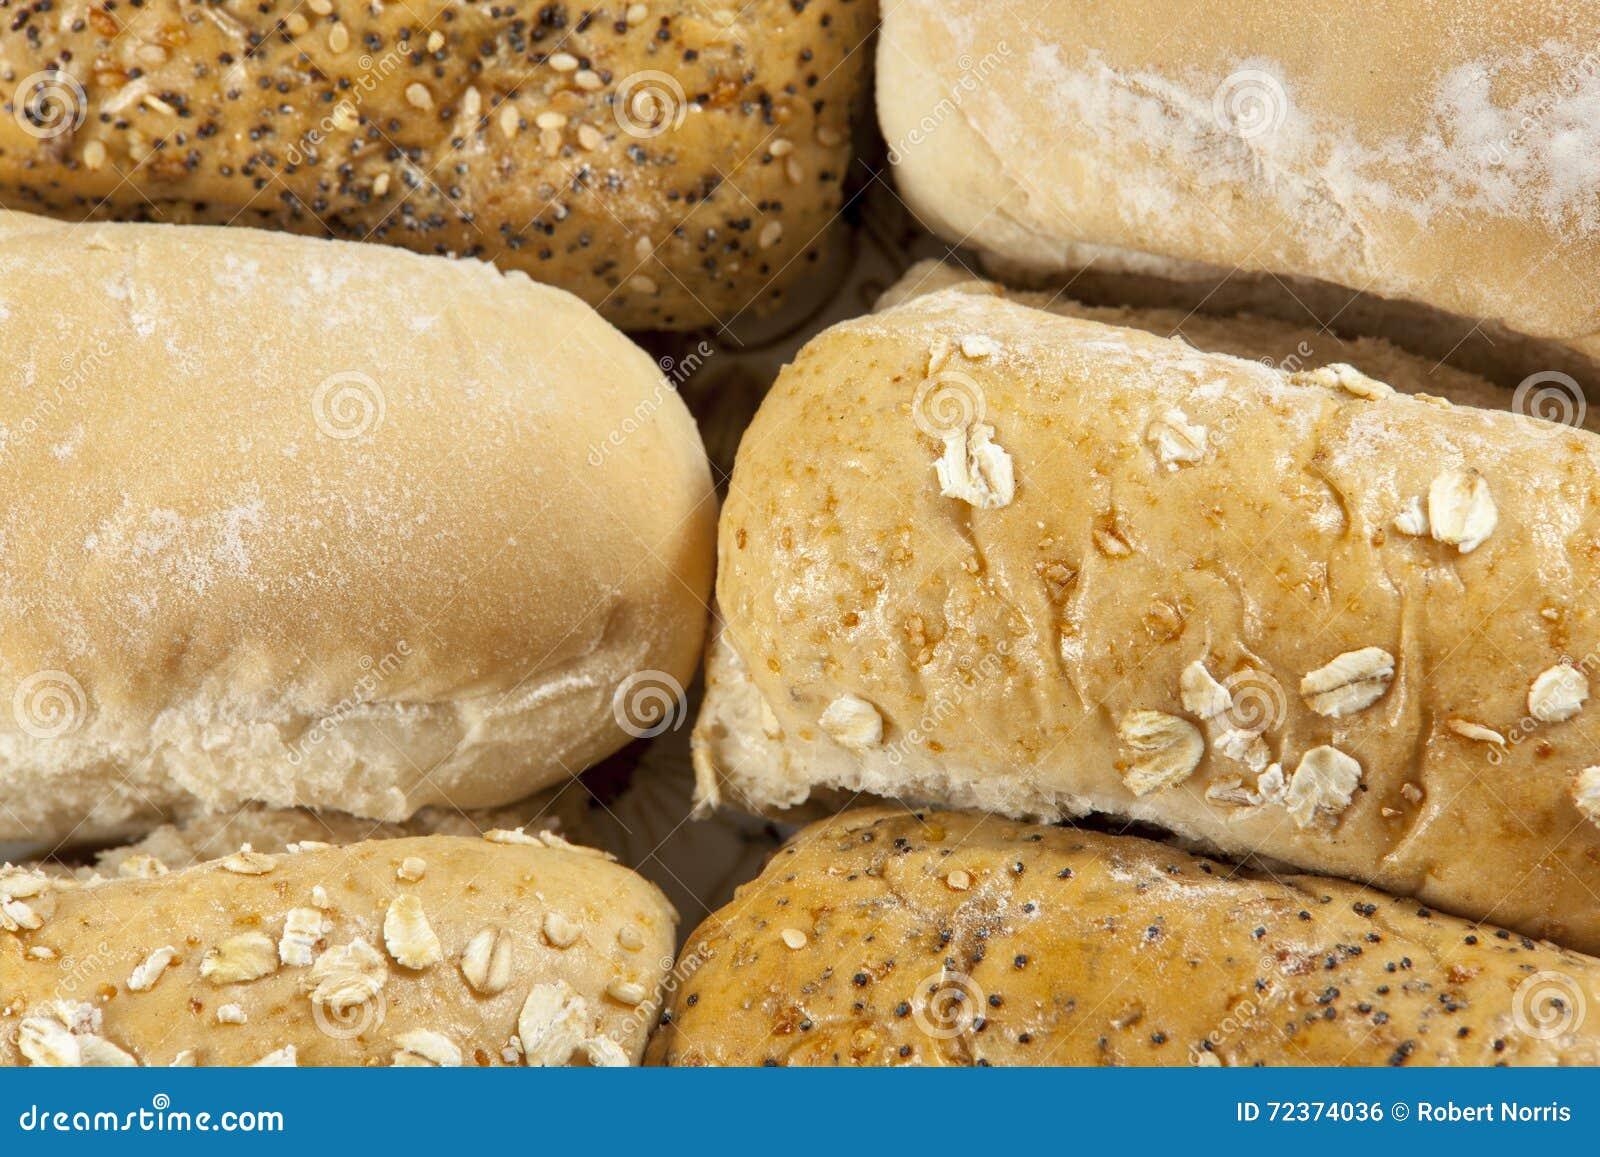 六个整粒和白色种子小圆面包近景